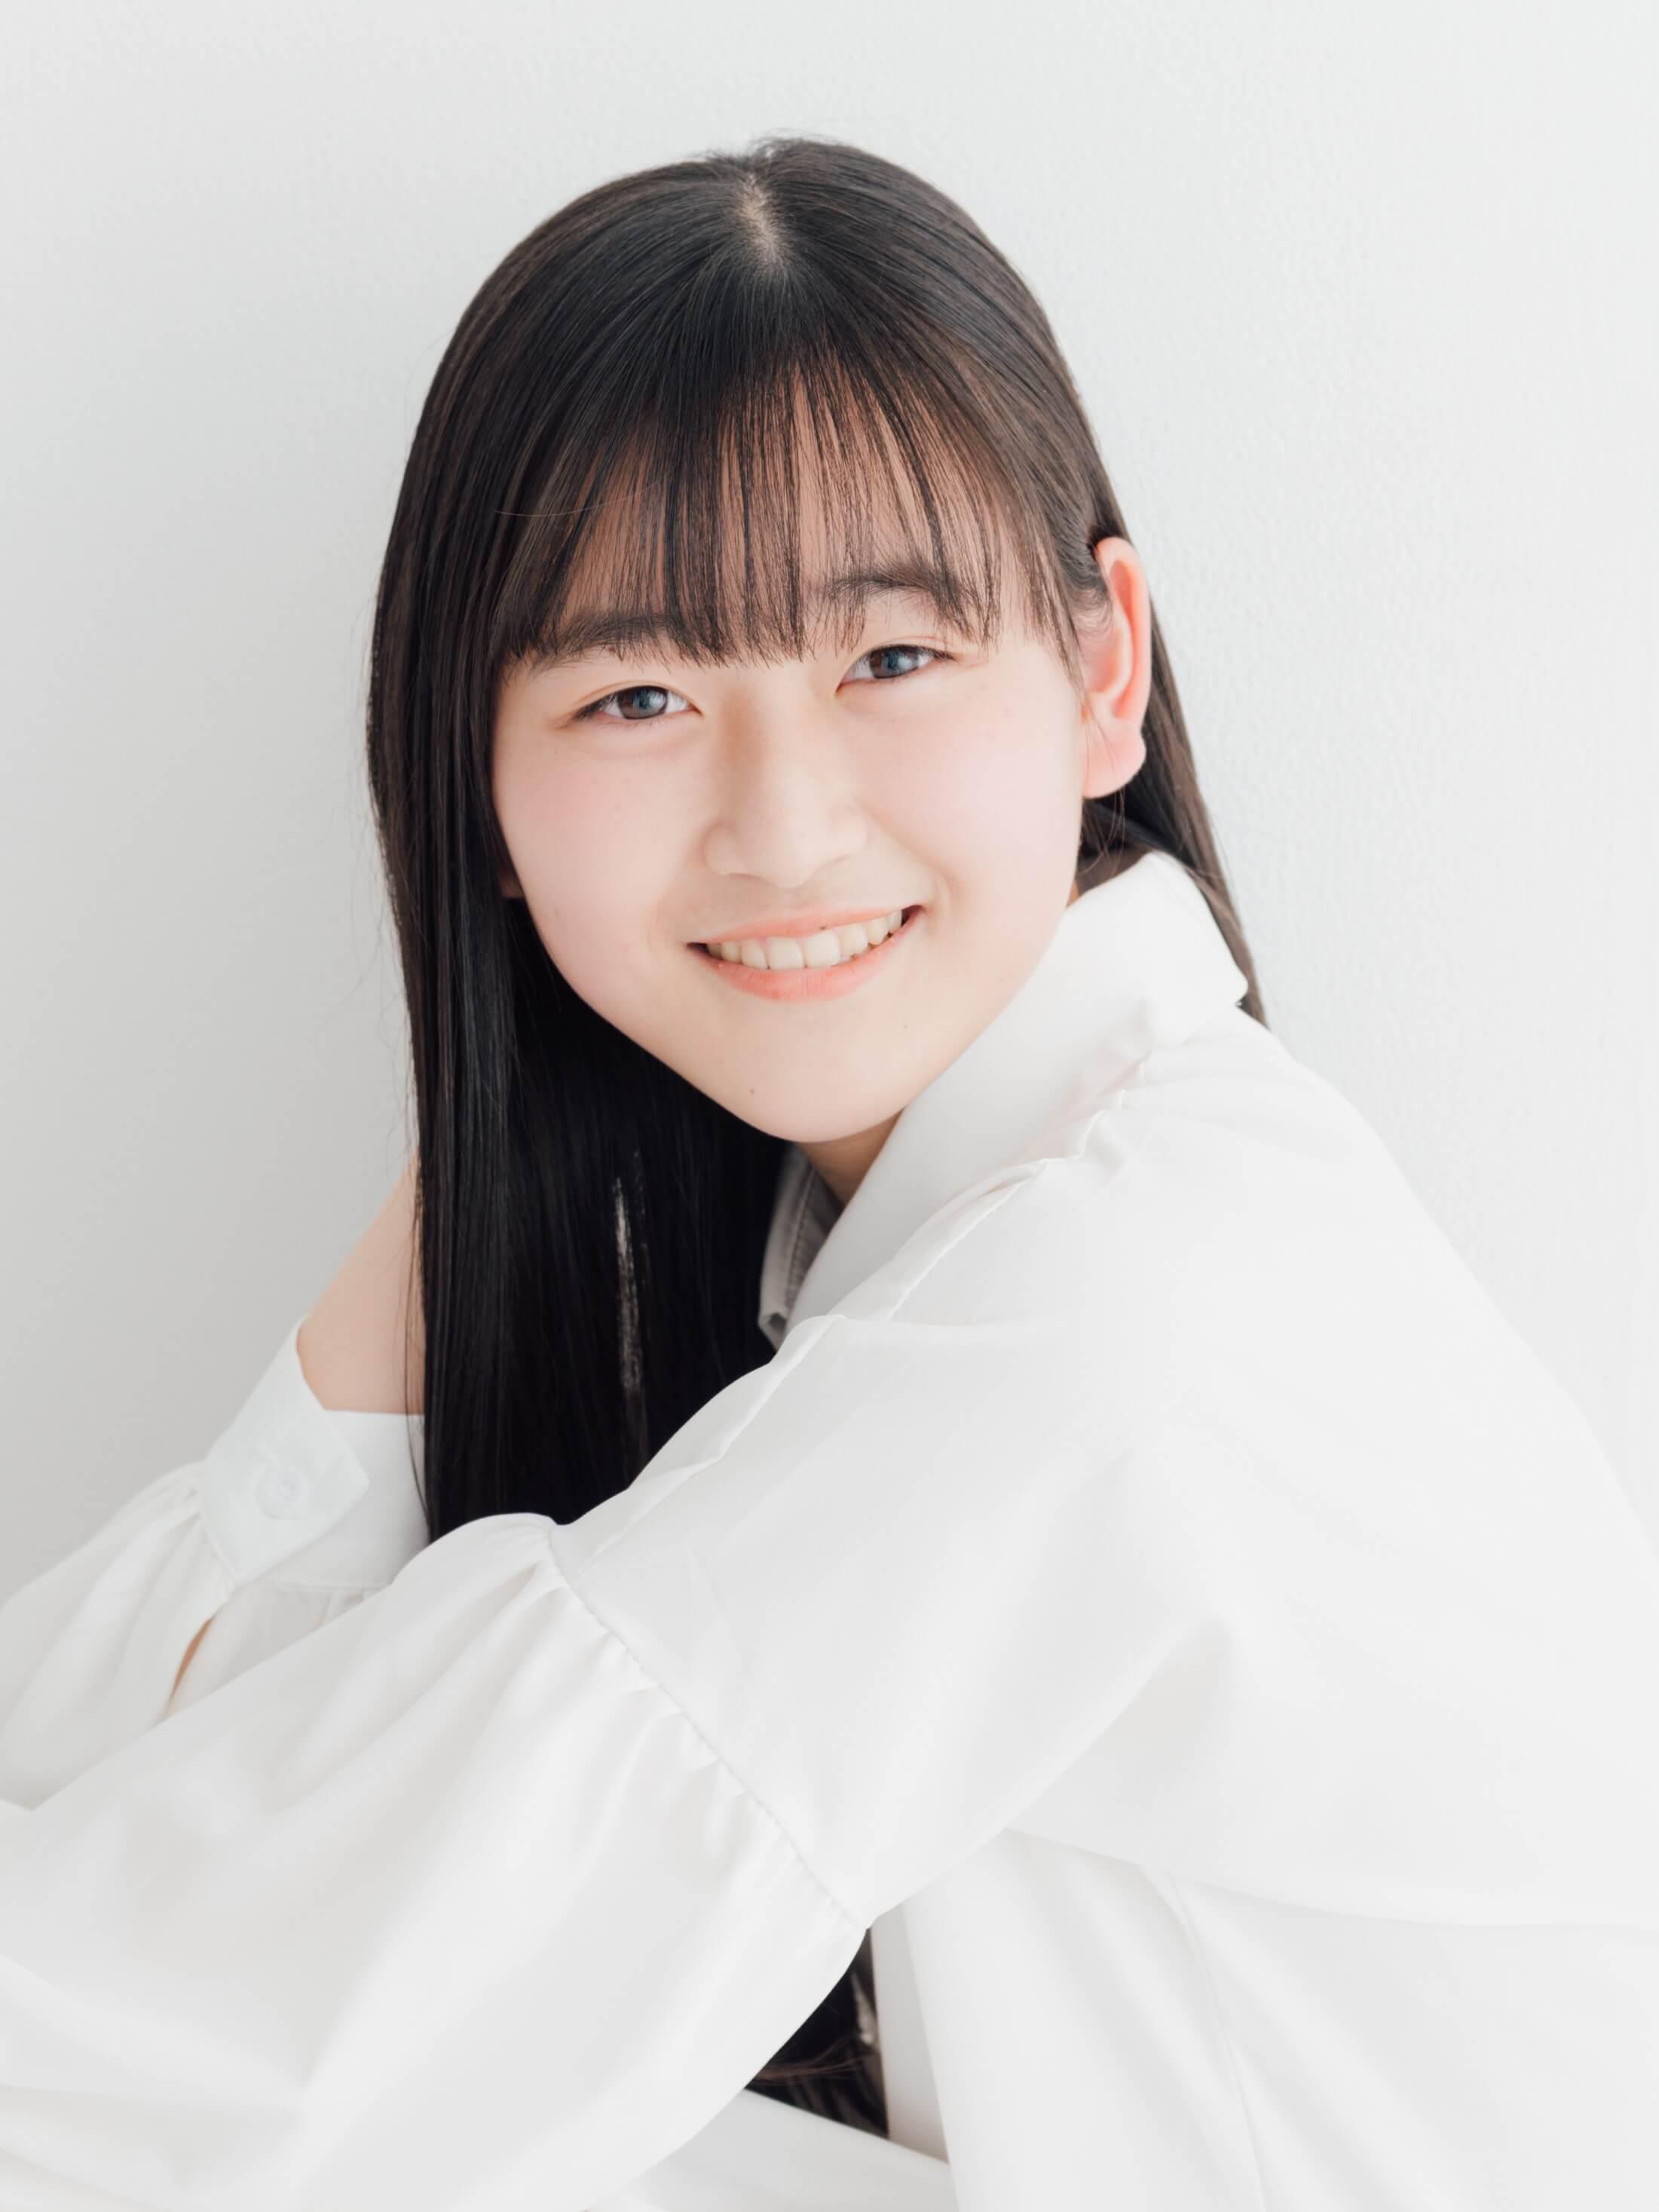 10/31(日)放送に遠藤璃菜さんのゲスト出演が決定!【早見沙織のふり〜すたいる♪】